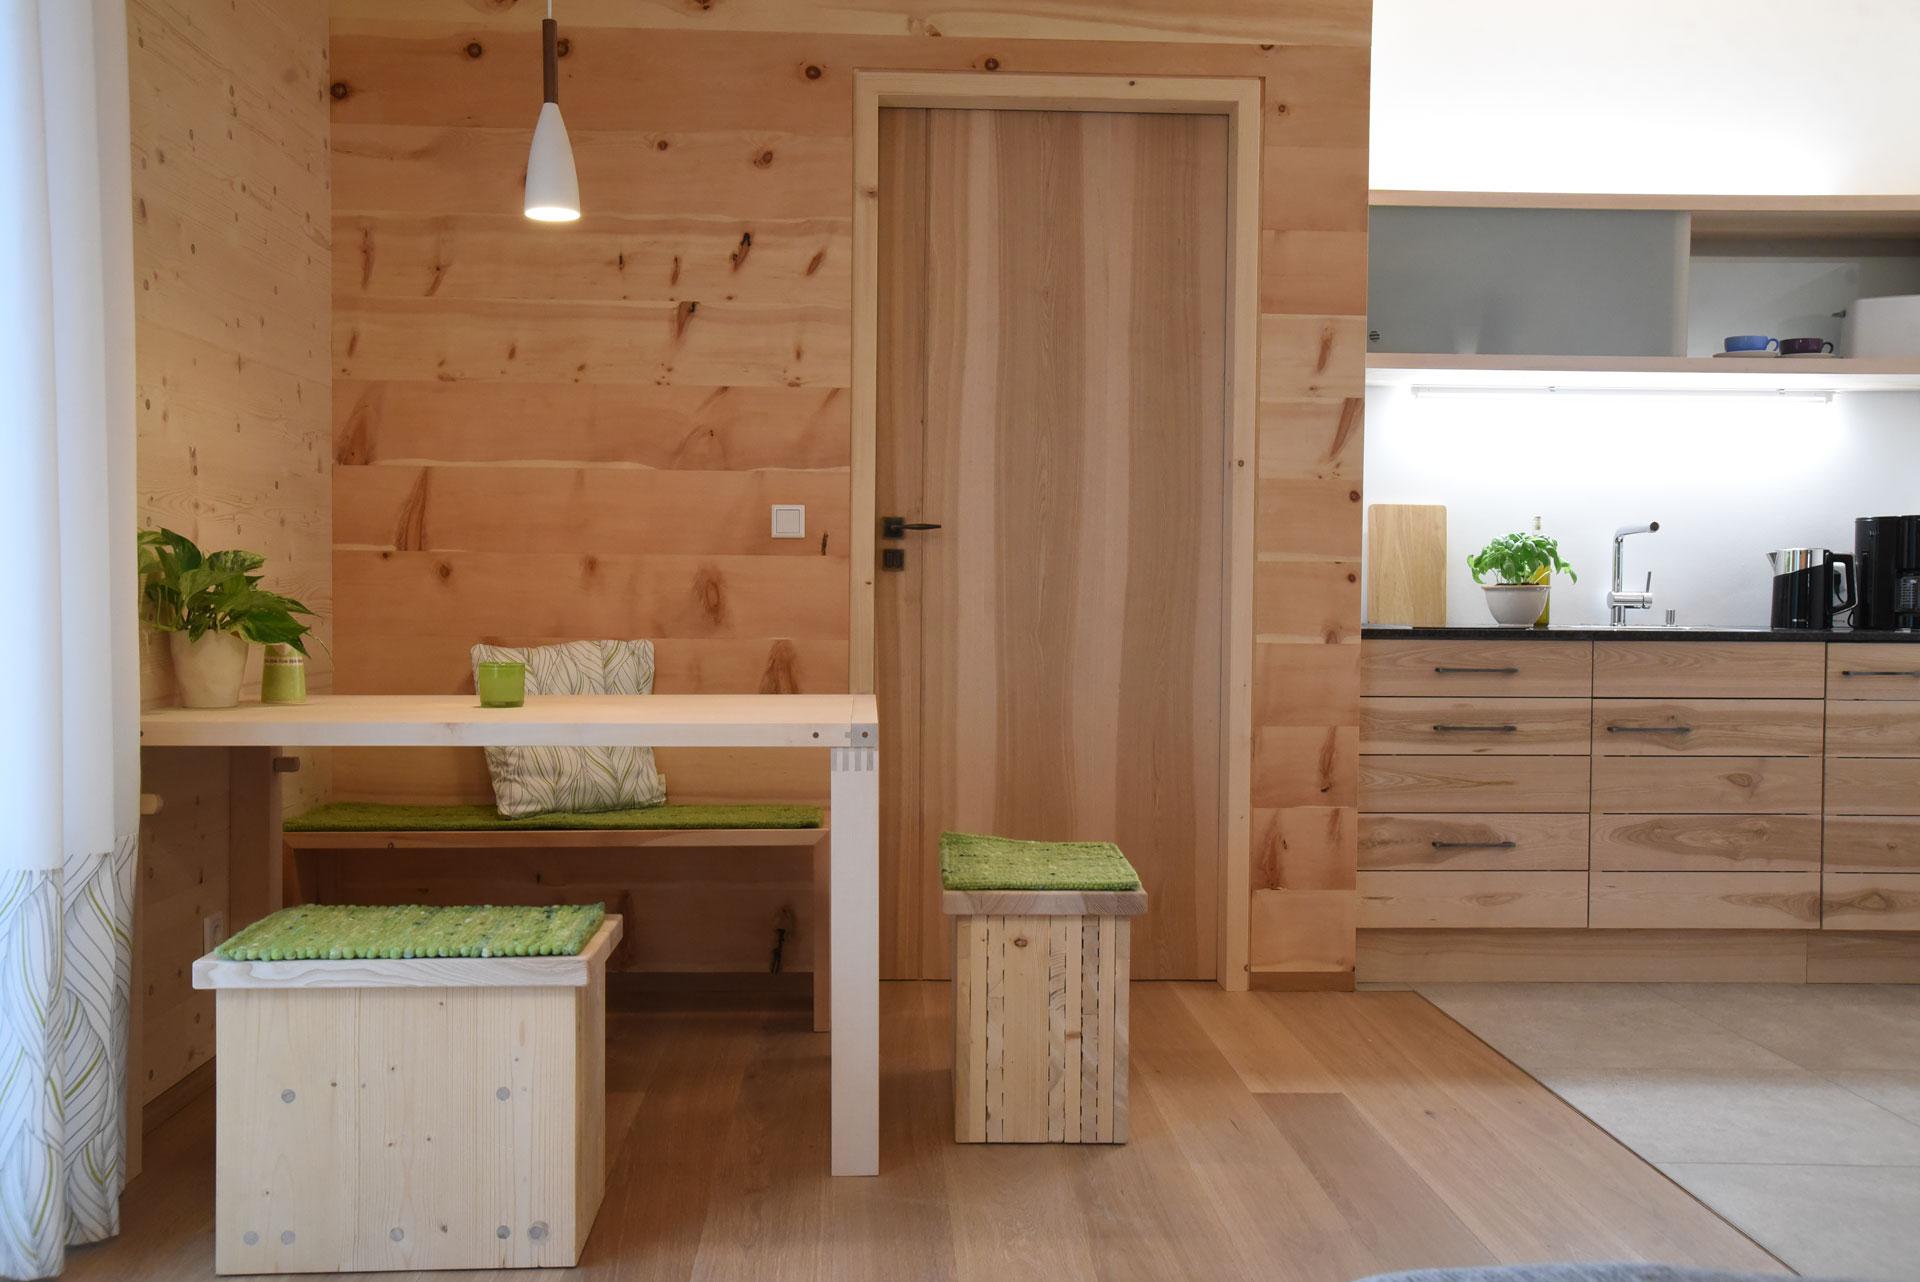 Esstisch und Küchenzeile in der Probewohnung